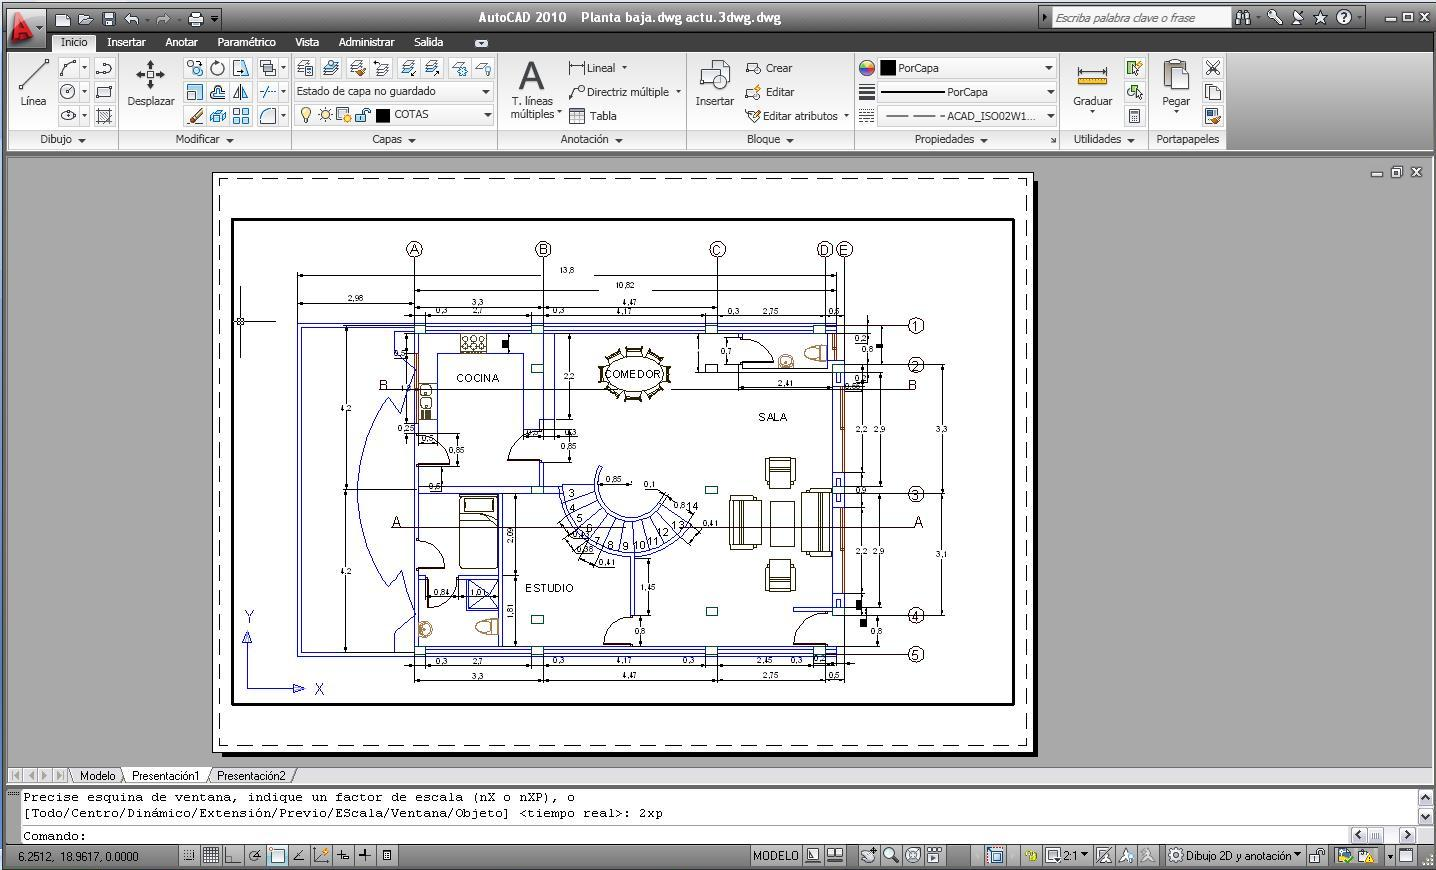 Josmvala autocad ejemplos y como imprimir en autocad for Muebles a escala 1 50 para planos